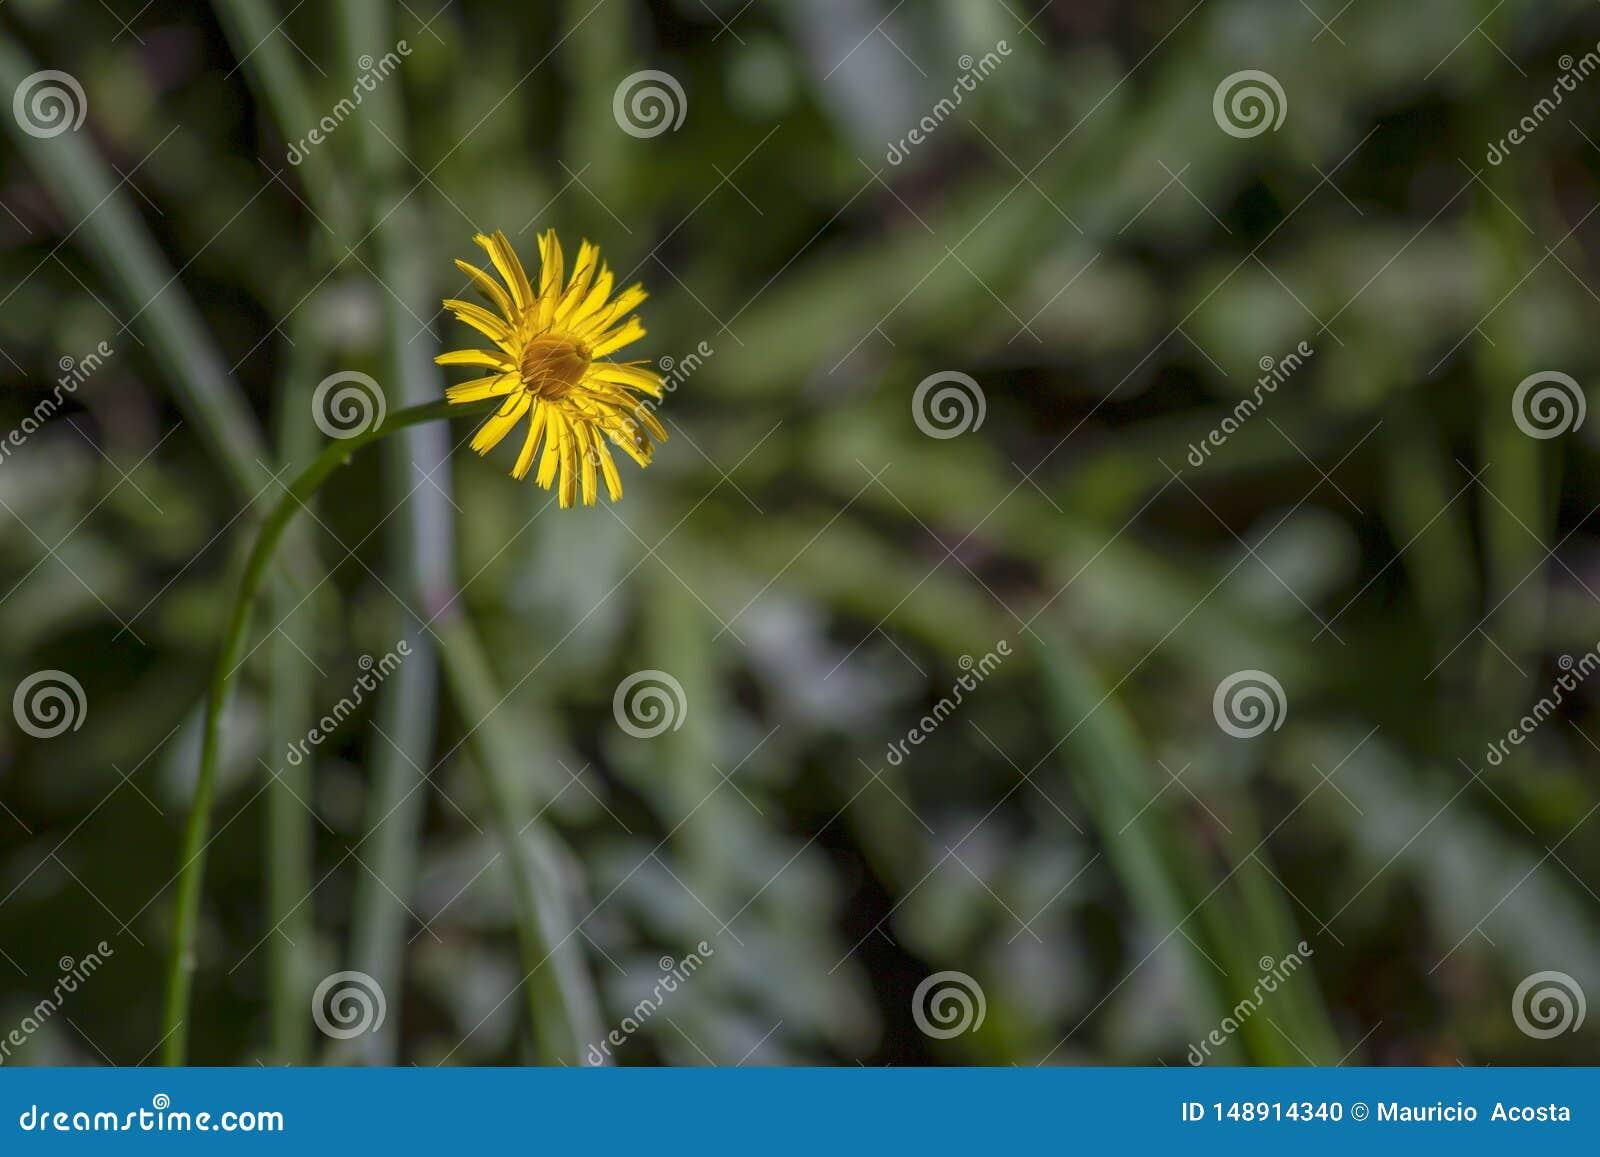 Fleur de pissenlit faisant face au soleil